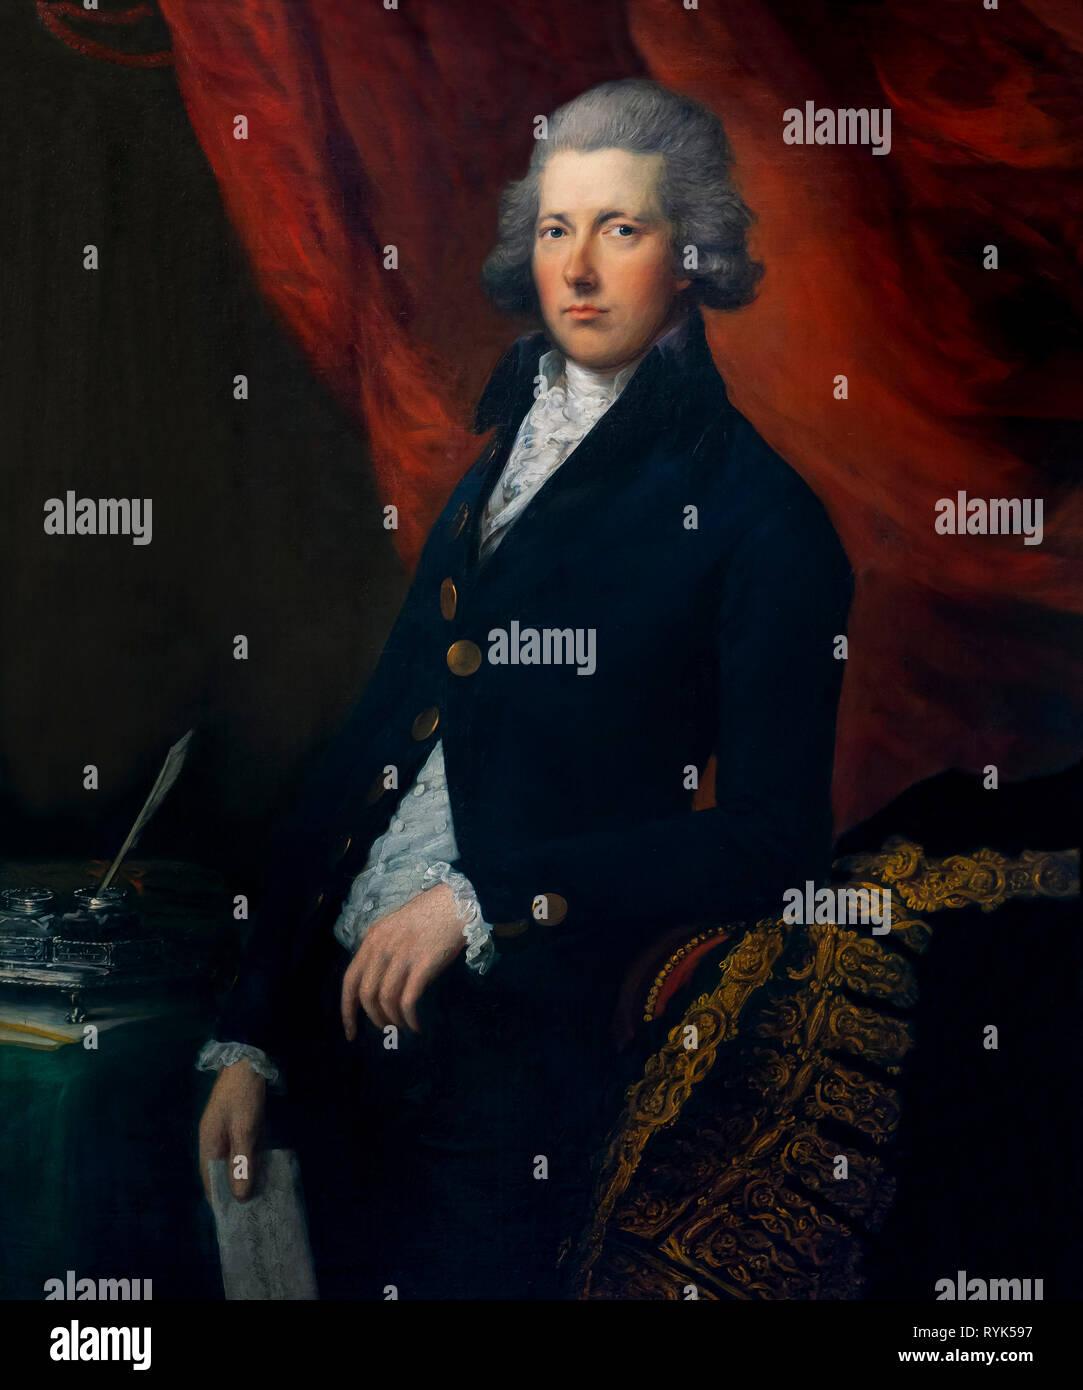 L'onorevole William Pitt il giovane, Gainsborough Dupont e Thomas Gaunsborough, circa 1787-1790, Immagini Stock